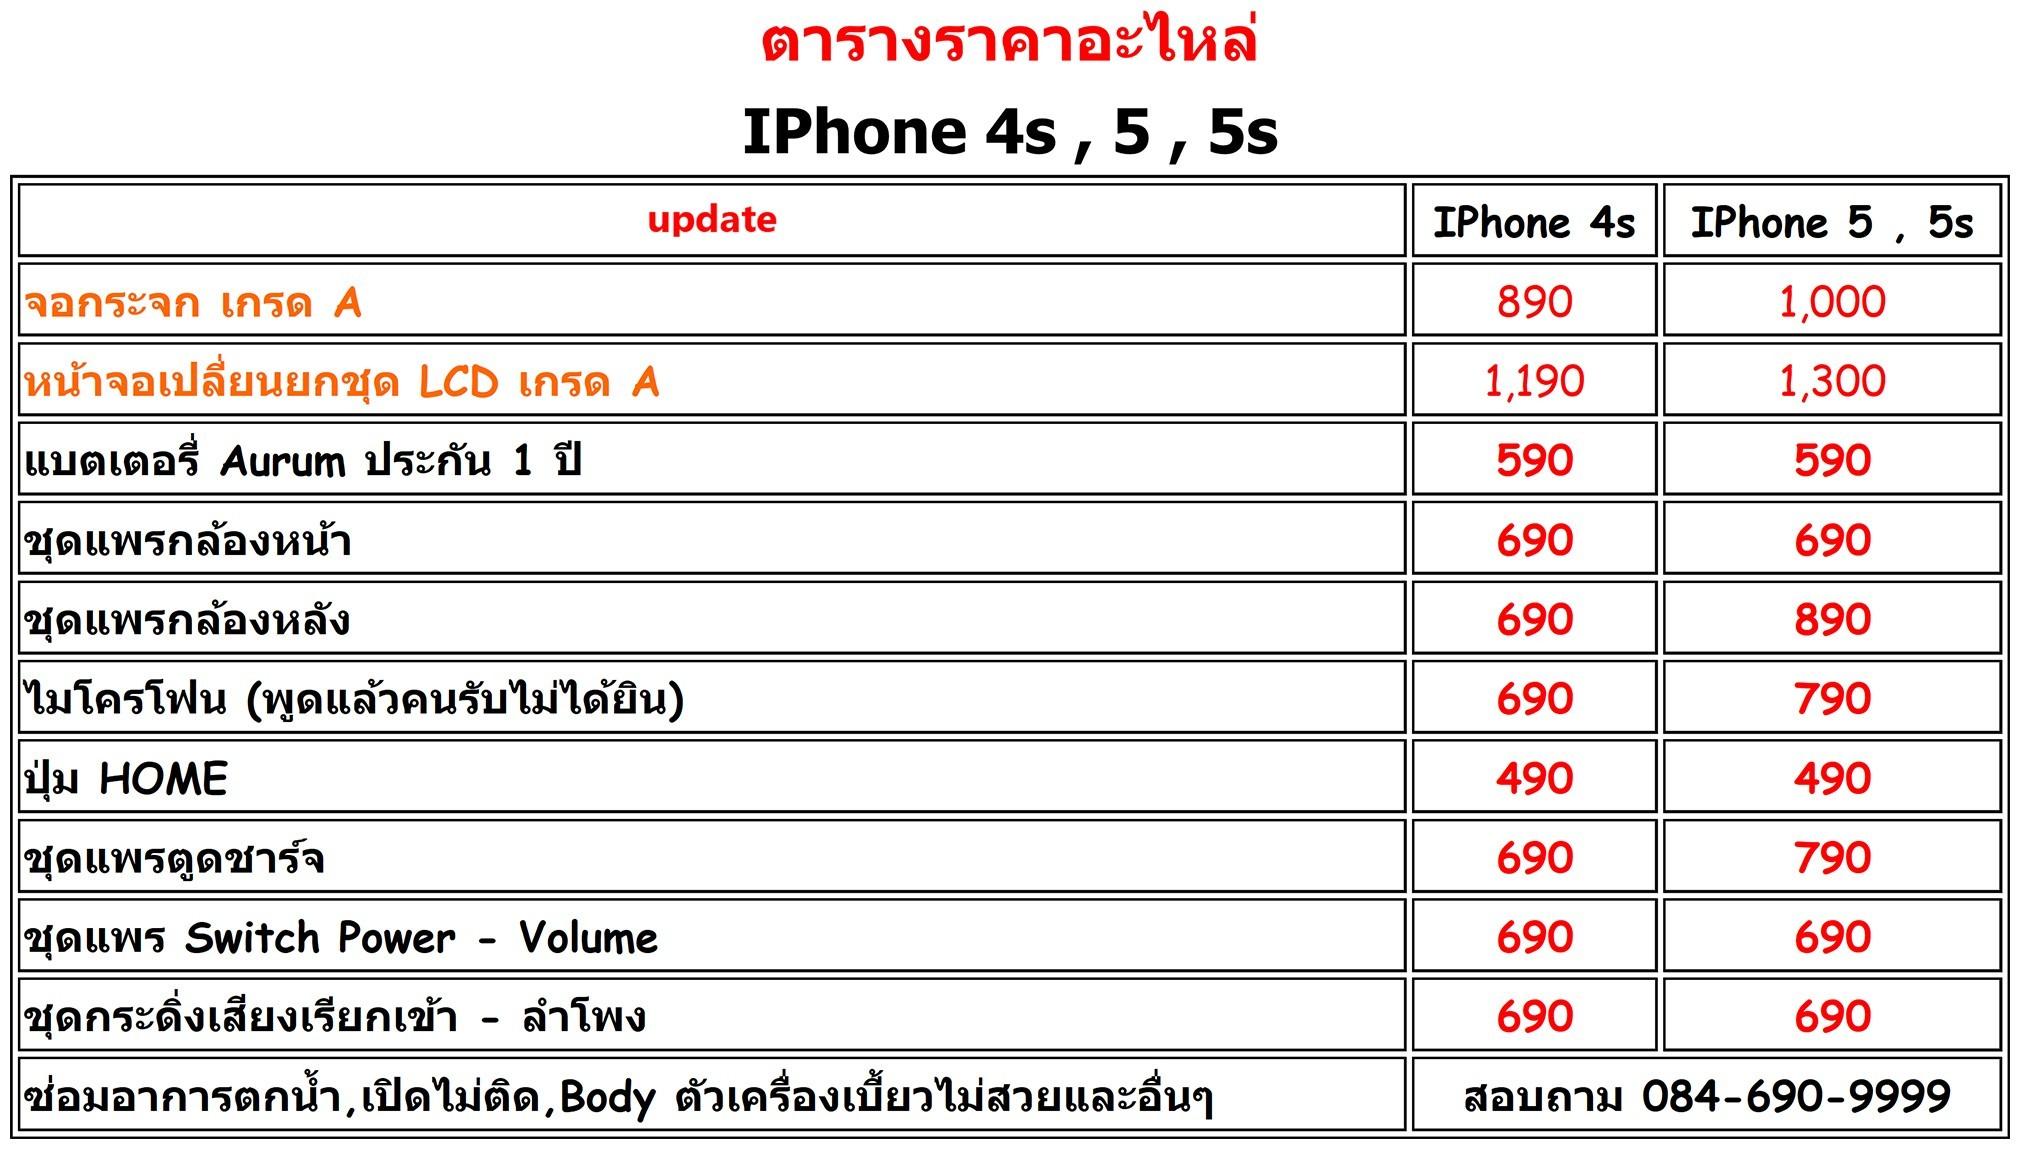 Perfectphonembk.com ซ่อมไอโฟน4s ซ่อมไอโฟน5 ซ่อมไอโฟน5s เปลี่ยนจอไอโฟน4s เปลี่ยนจอไอโฟน5 เปลี่ยนจอไอโฟน5s ซ่อมมือถือ ซ่อมจอมือถือ เปลี่ยนจอ ร้านขายมือถือราคาถูก ซ่อมไอโฟน ราคาซ่อมมือถือ เปลี่ยนจอไอโฟน